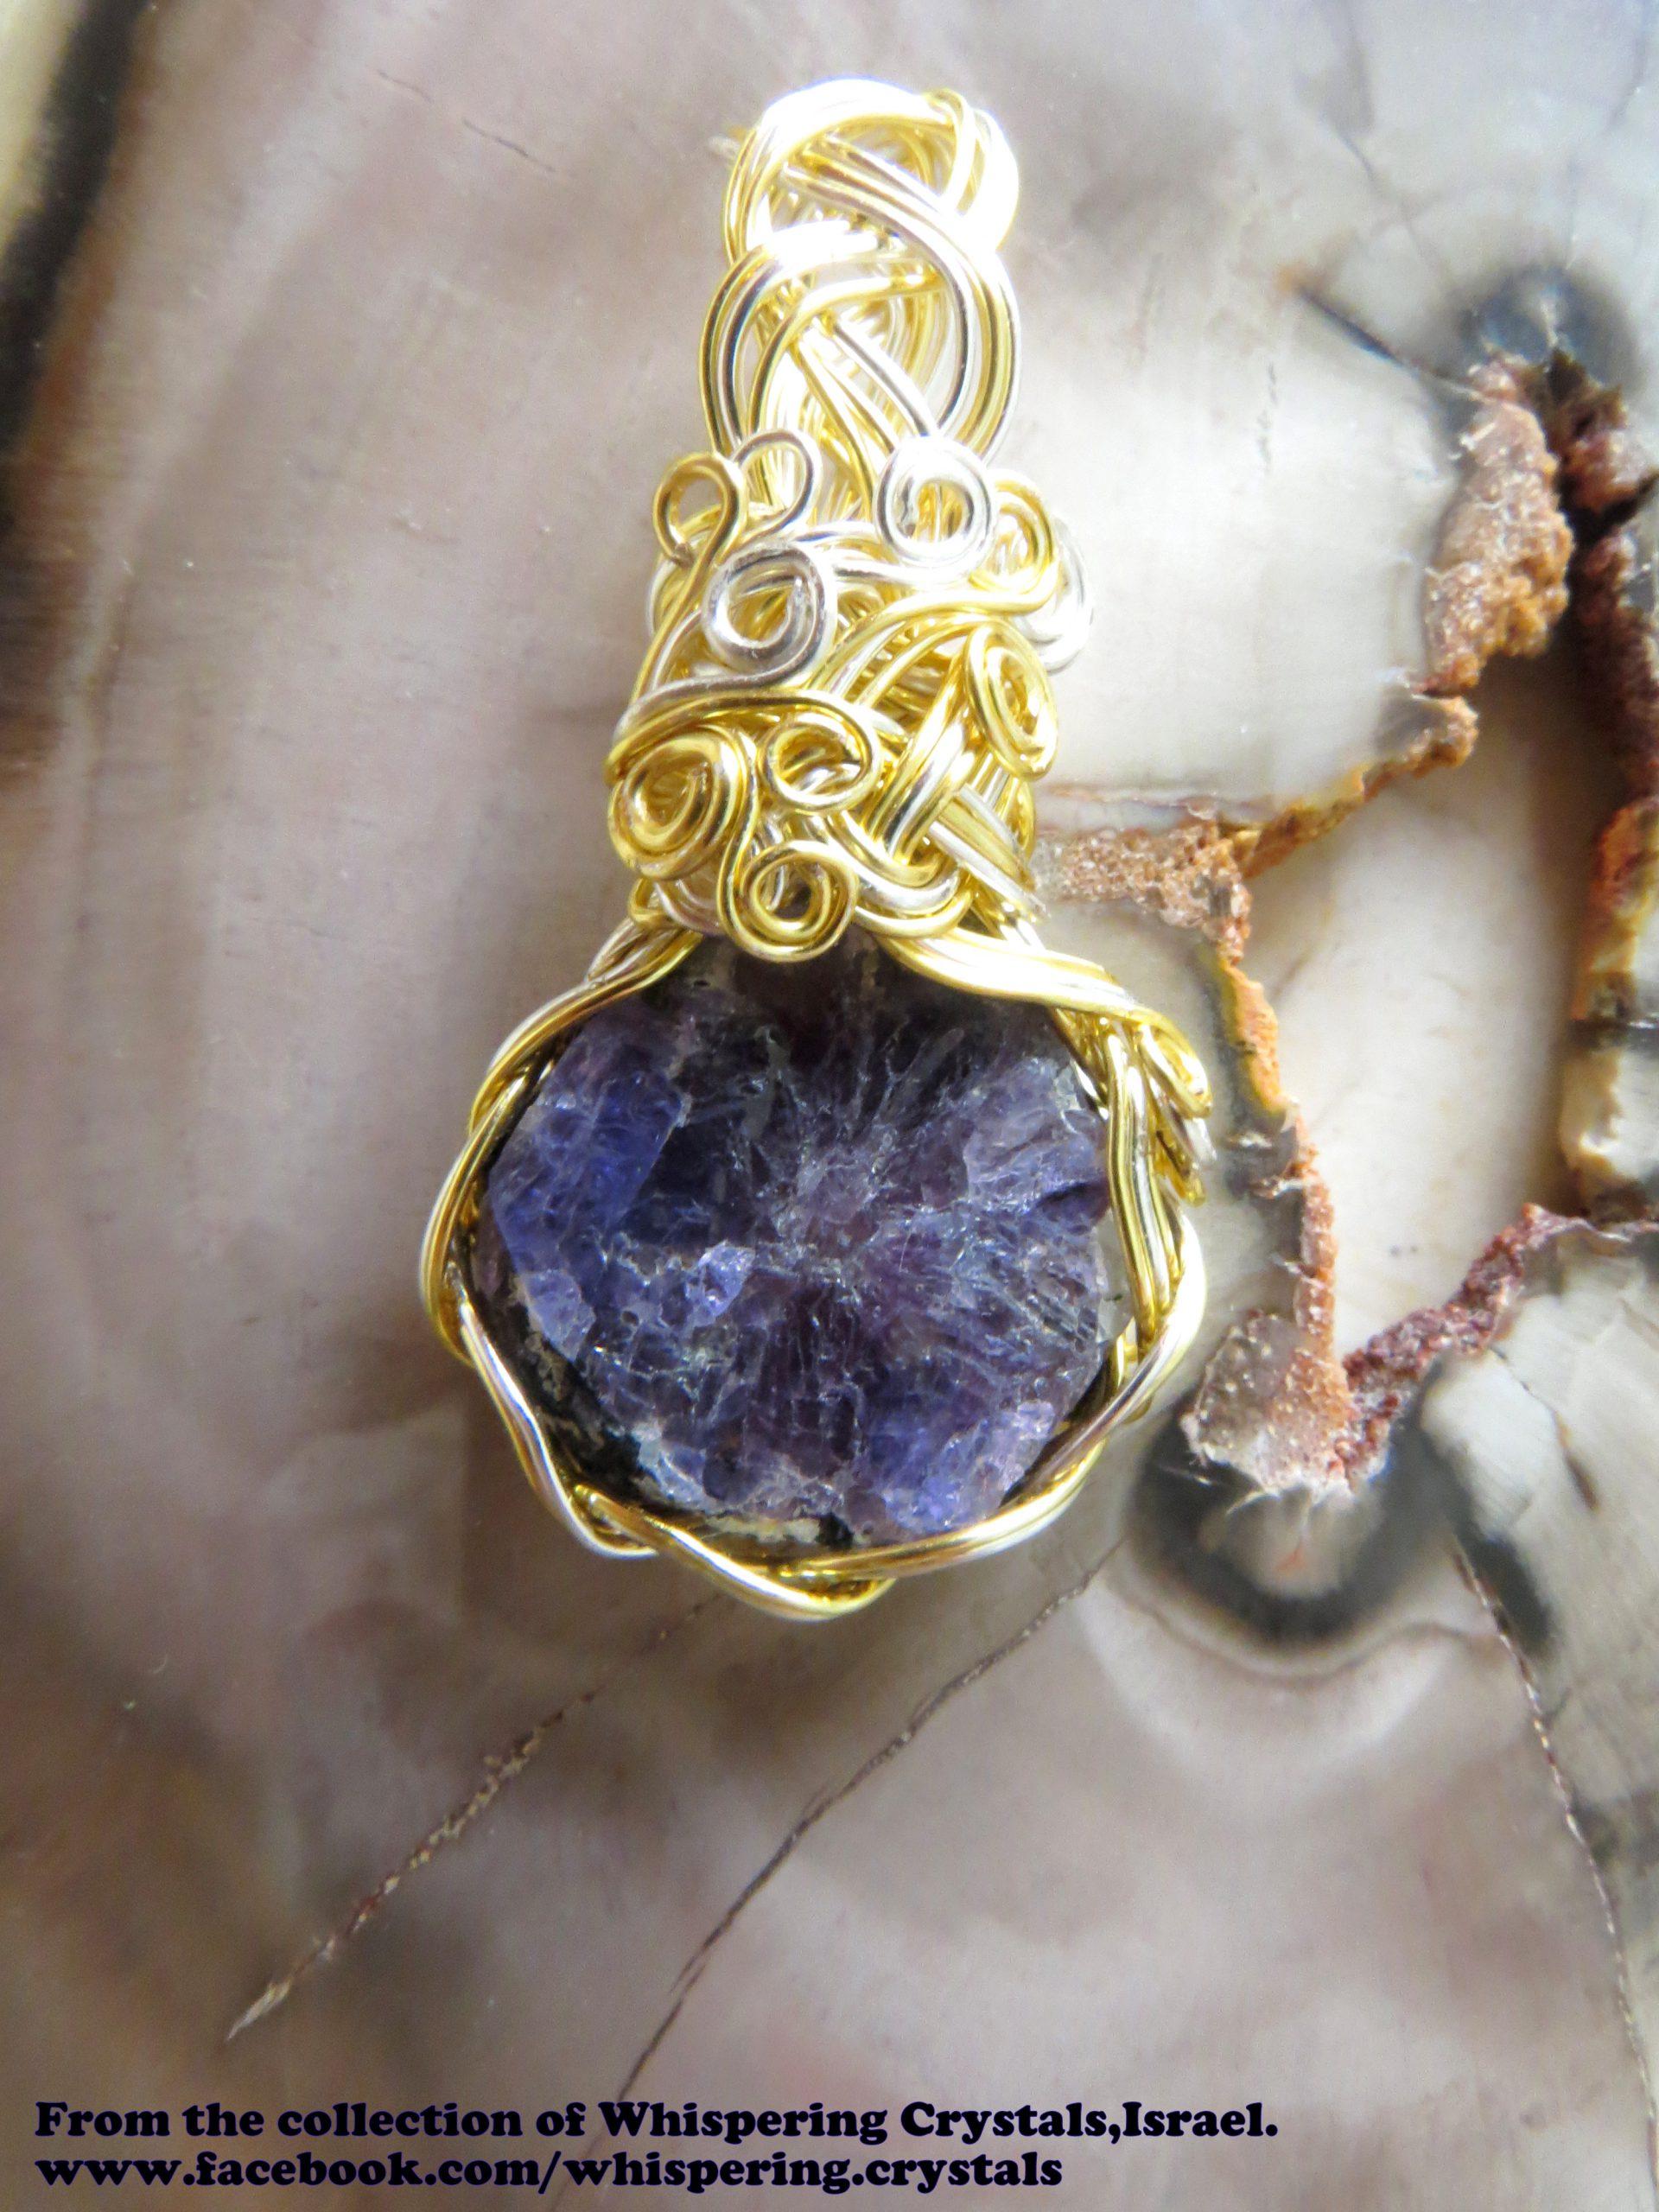 ספיר סגולה משובצת בנחושת. מהאוסף של 'וויספרינג קריסטלס' www.facebook.com/whispering.crystals.